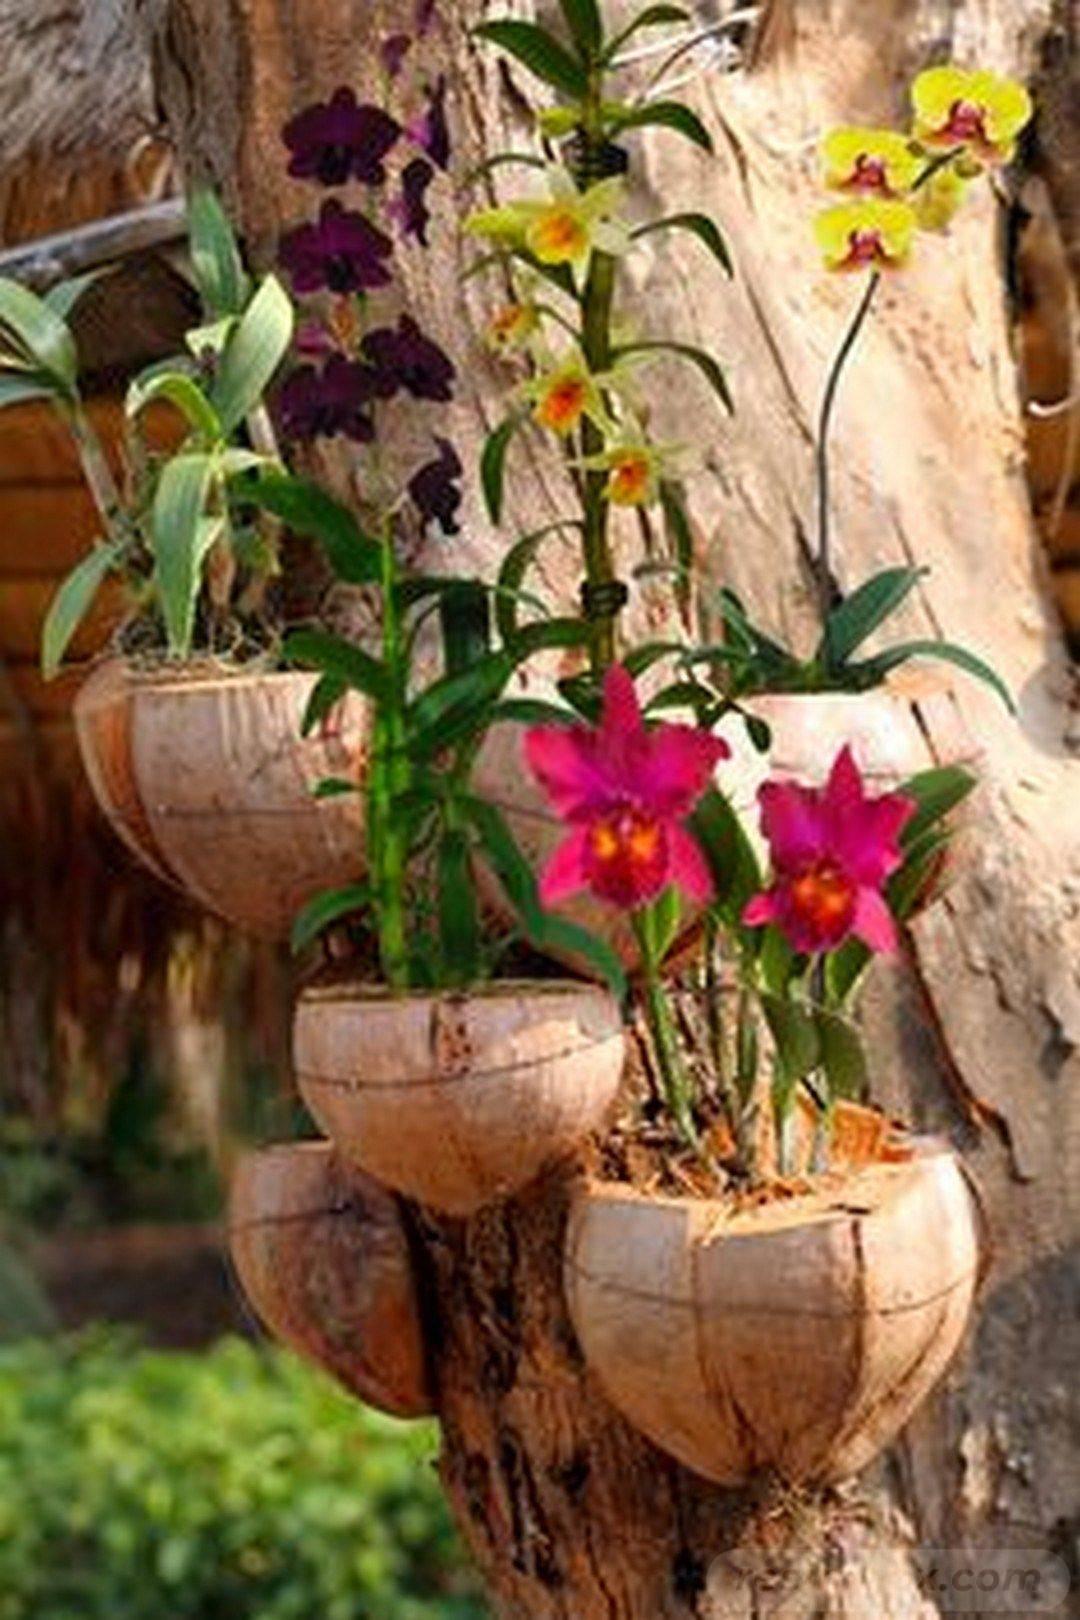 tropical garden ideas-403564816607305843